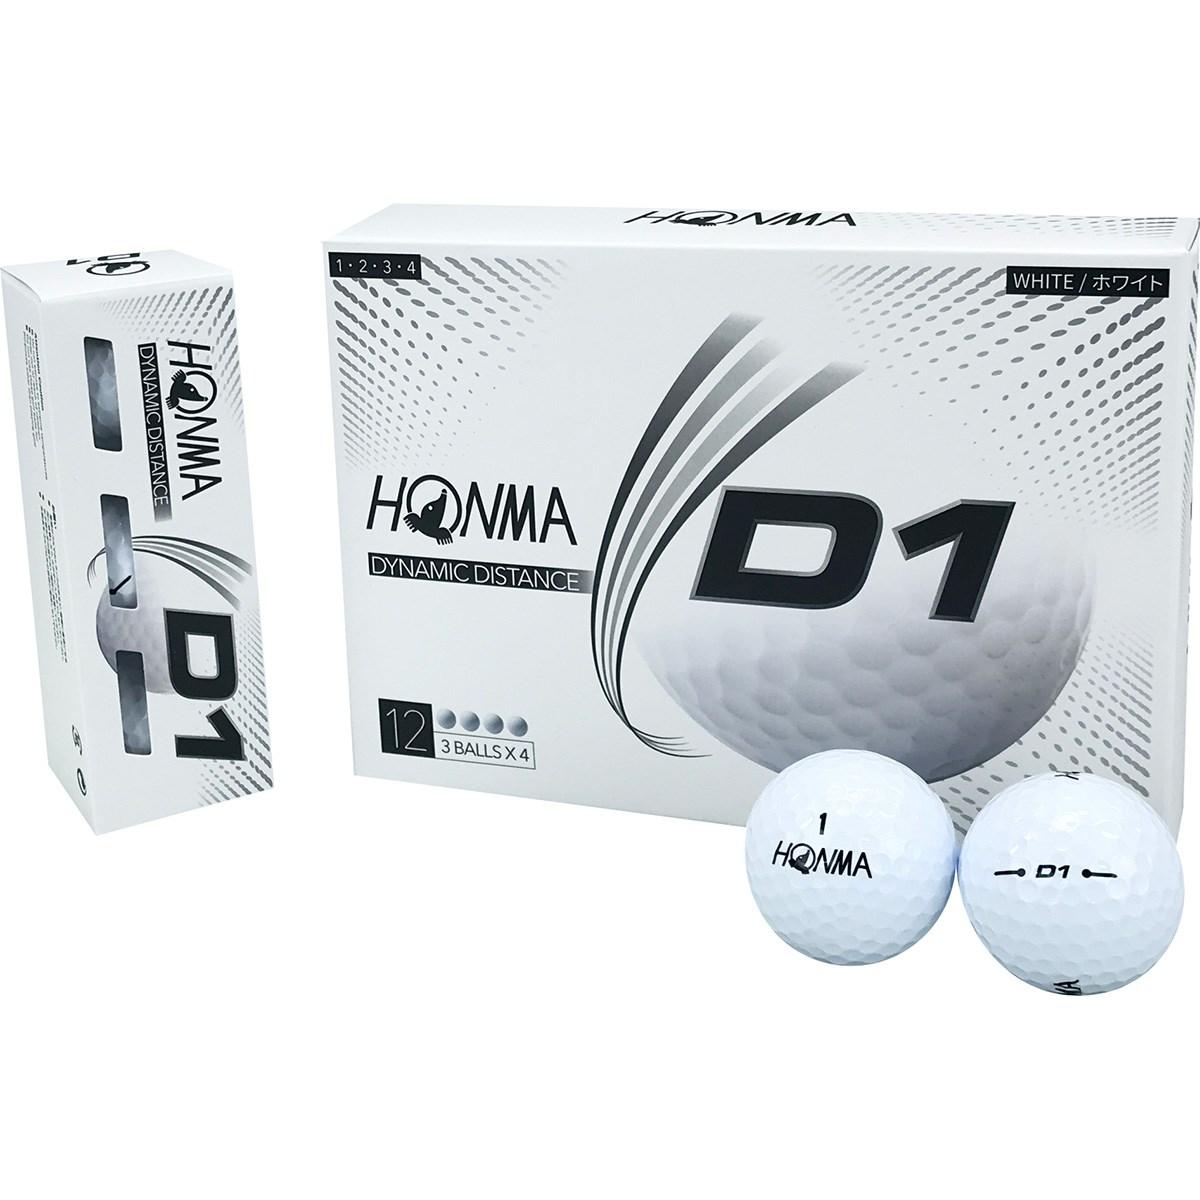 本間ゴルフ HONMA D1 ボール 2020年モデル 1ダース(12個入り) ホワイト